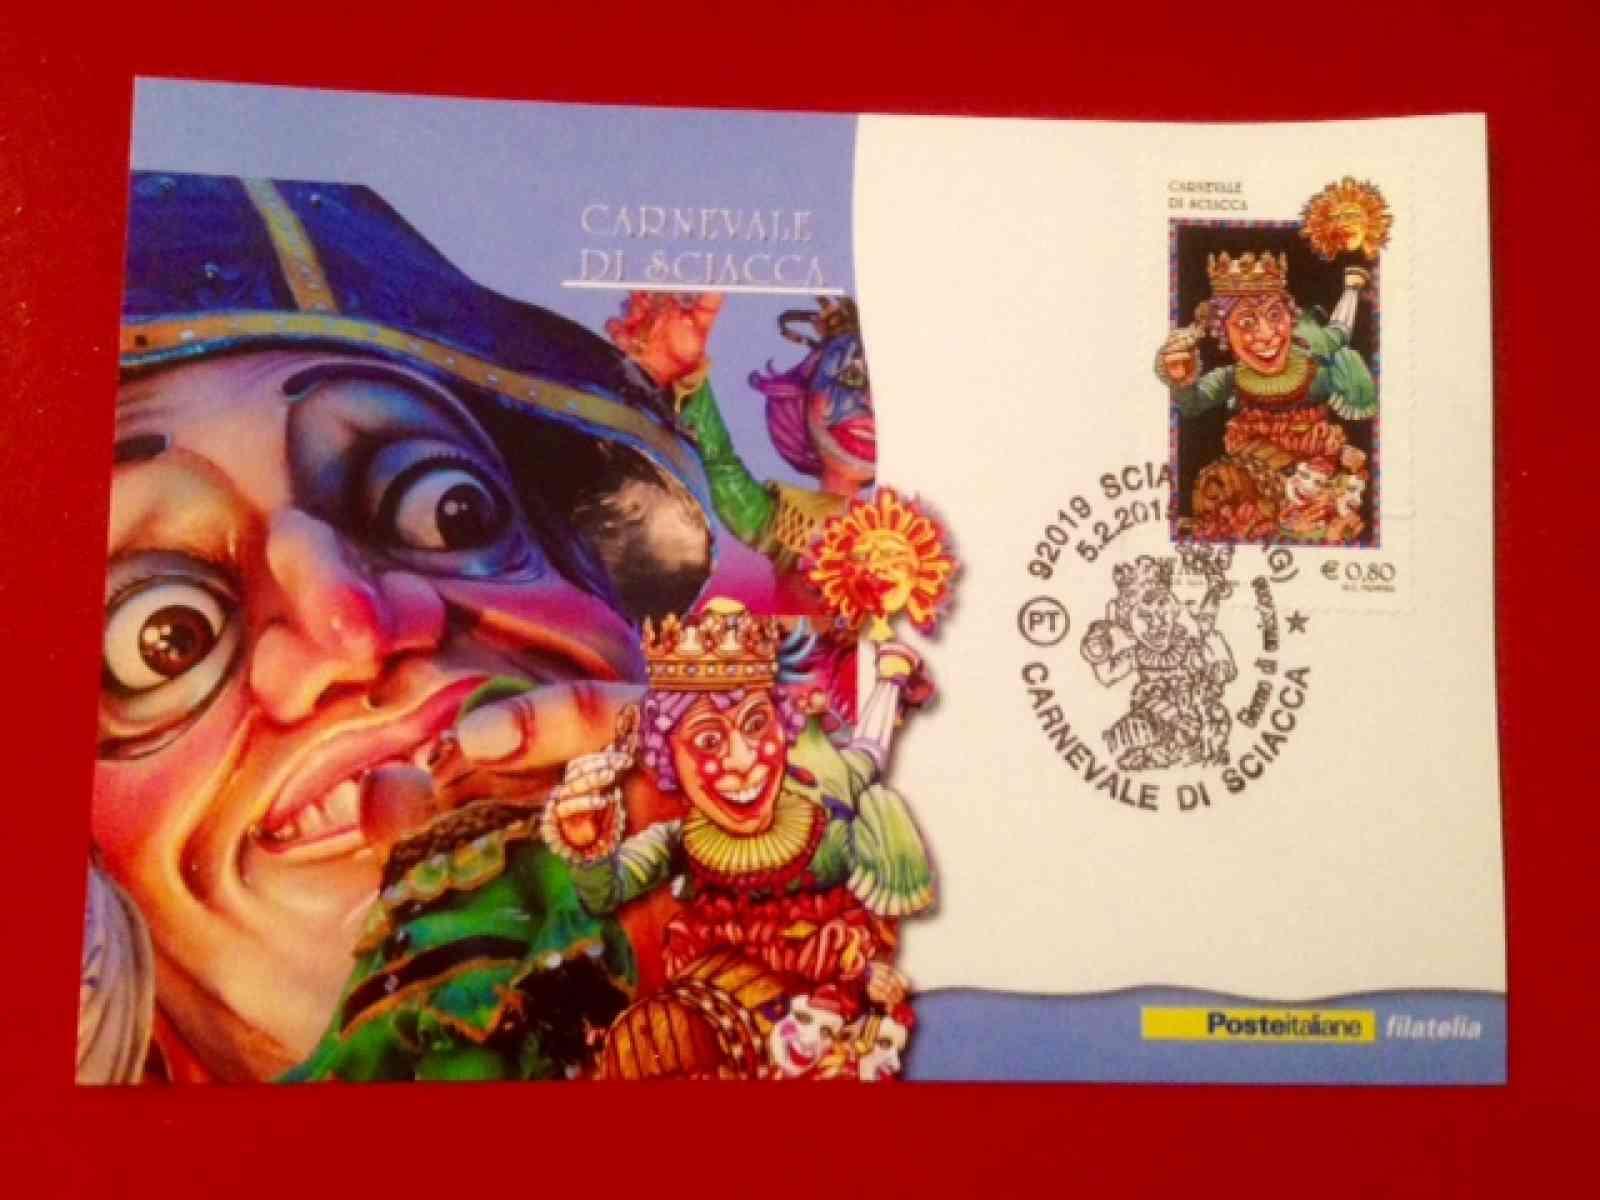 Carnevale 2015, 12 mila francobolli in distribuzione in città